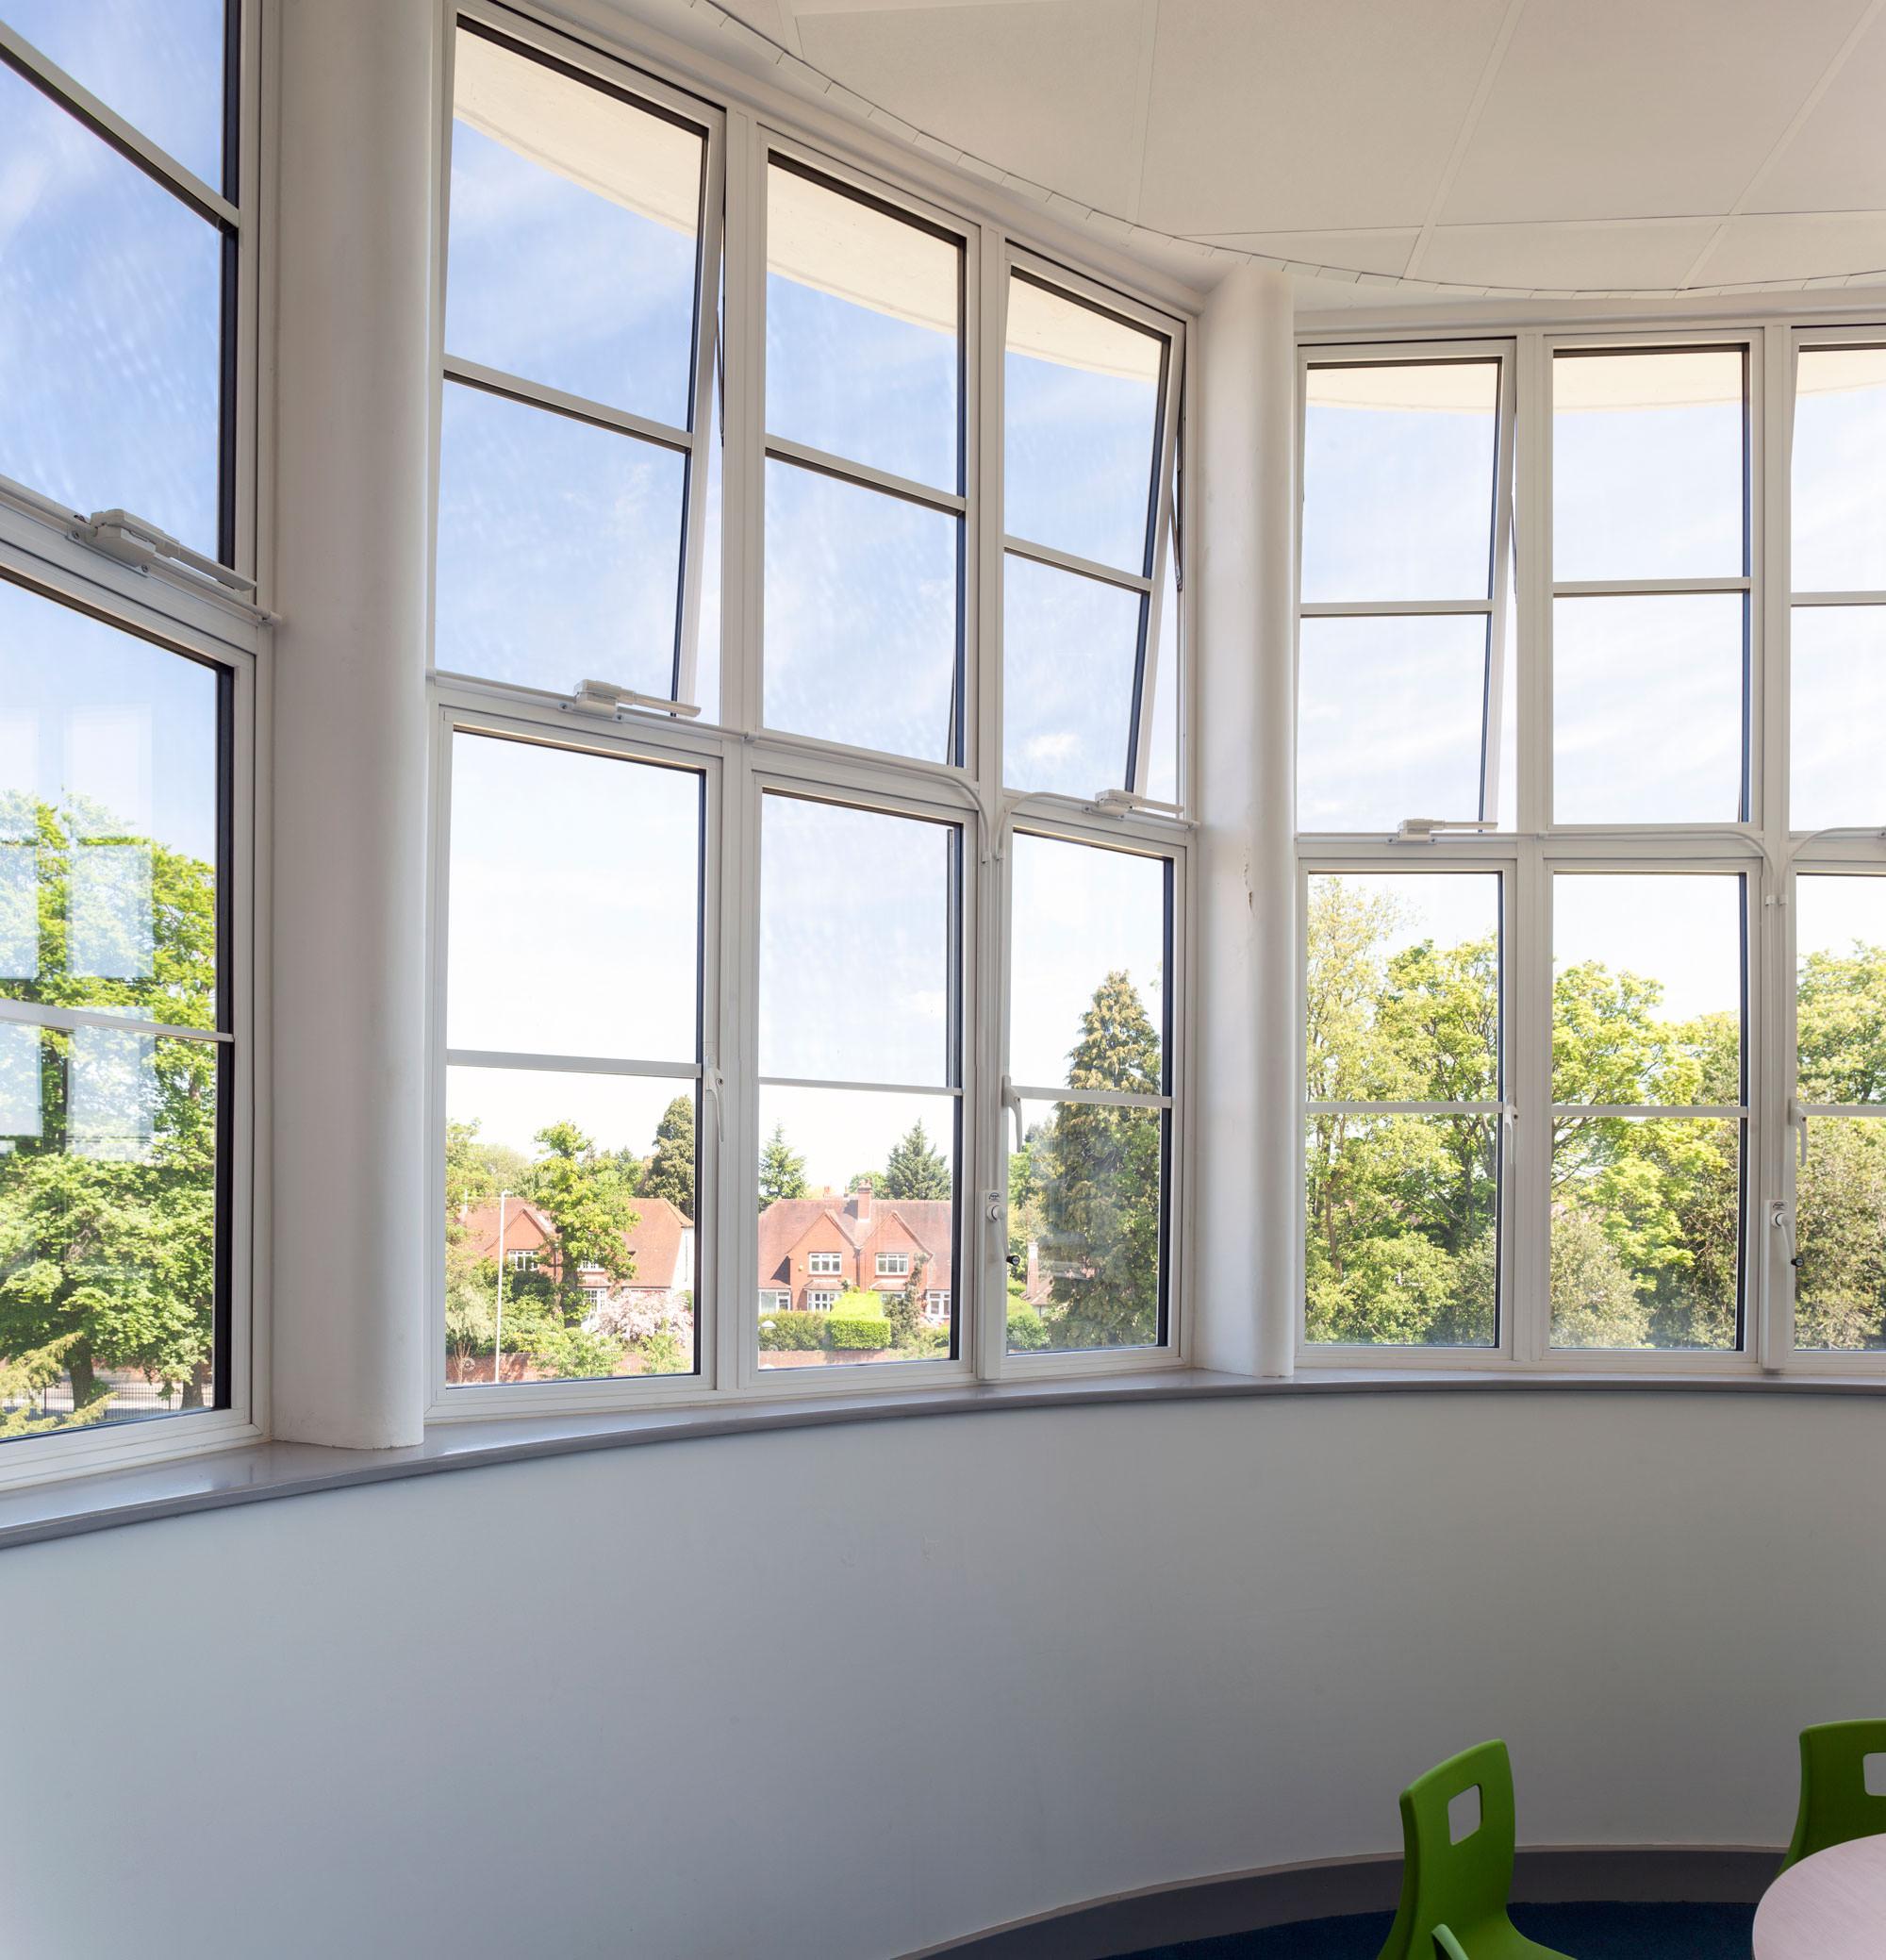 aluminium windows quotes Essex